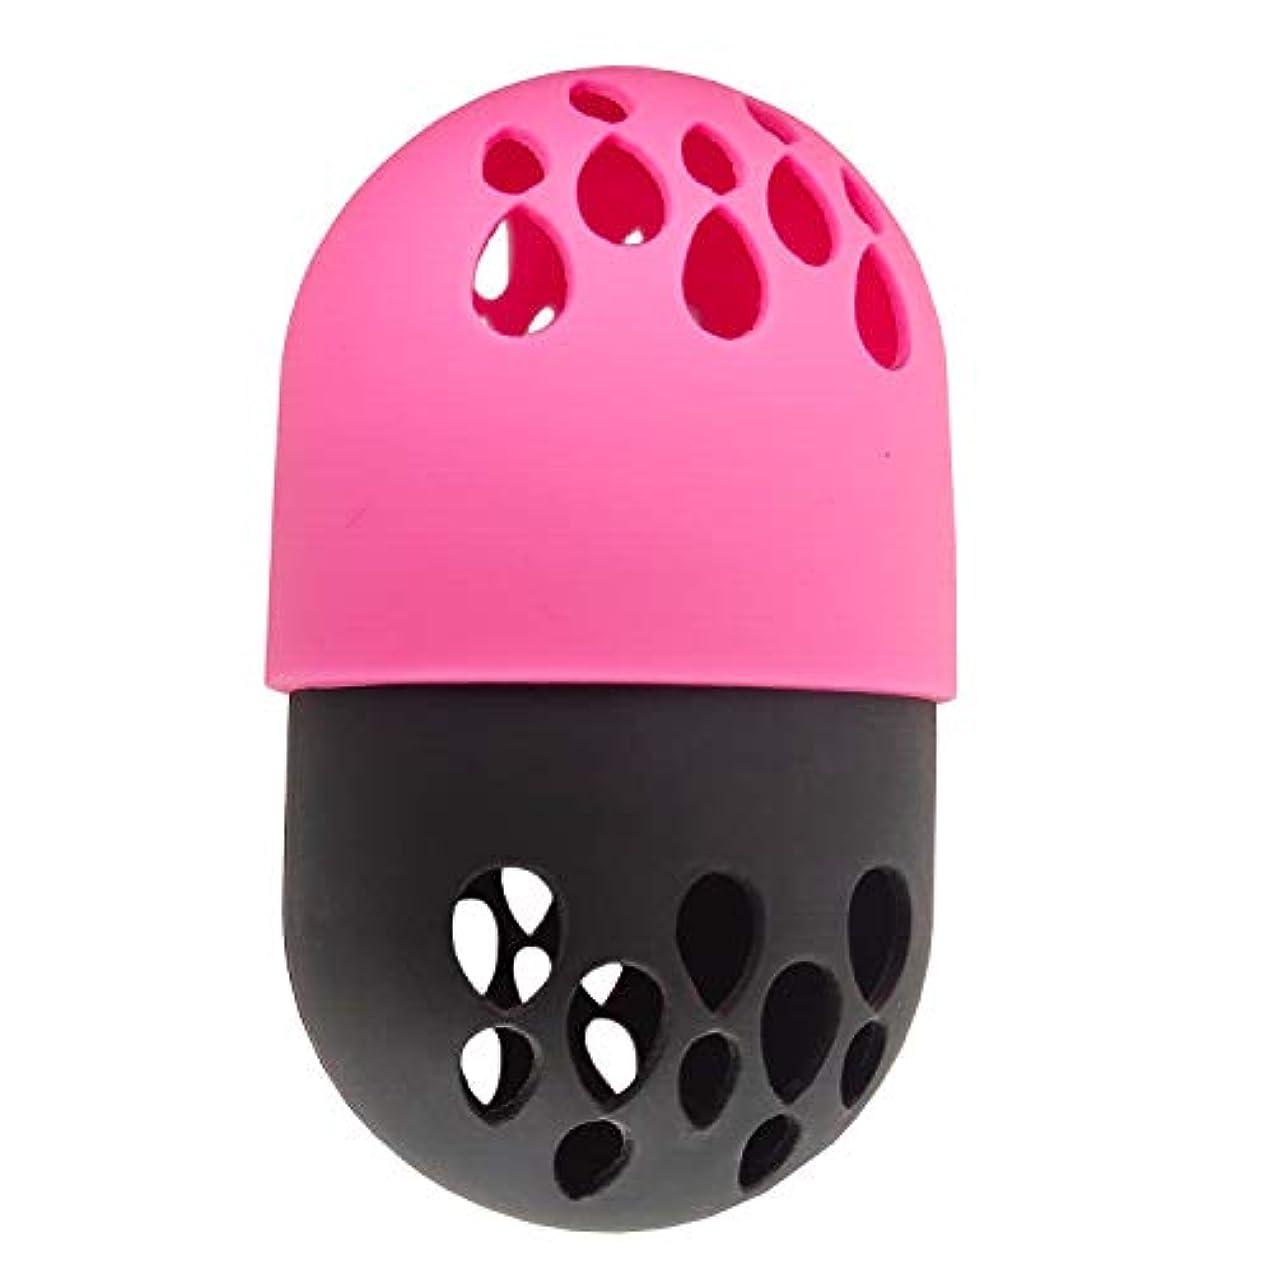 休日にウルル前に美容スポンジ収納ケース、通気性を柔らか美容スポンジ シリコン旅行 キャリングケース、小型軽量 あらゆる化粧スポンジ適用 (ピンク)